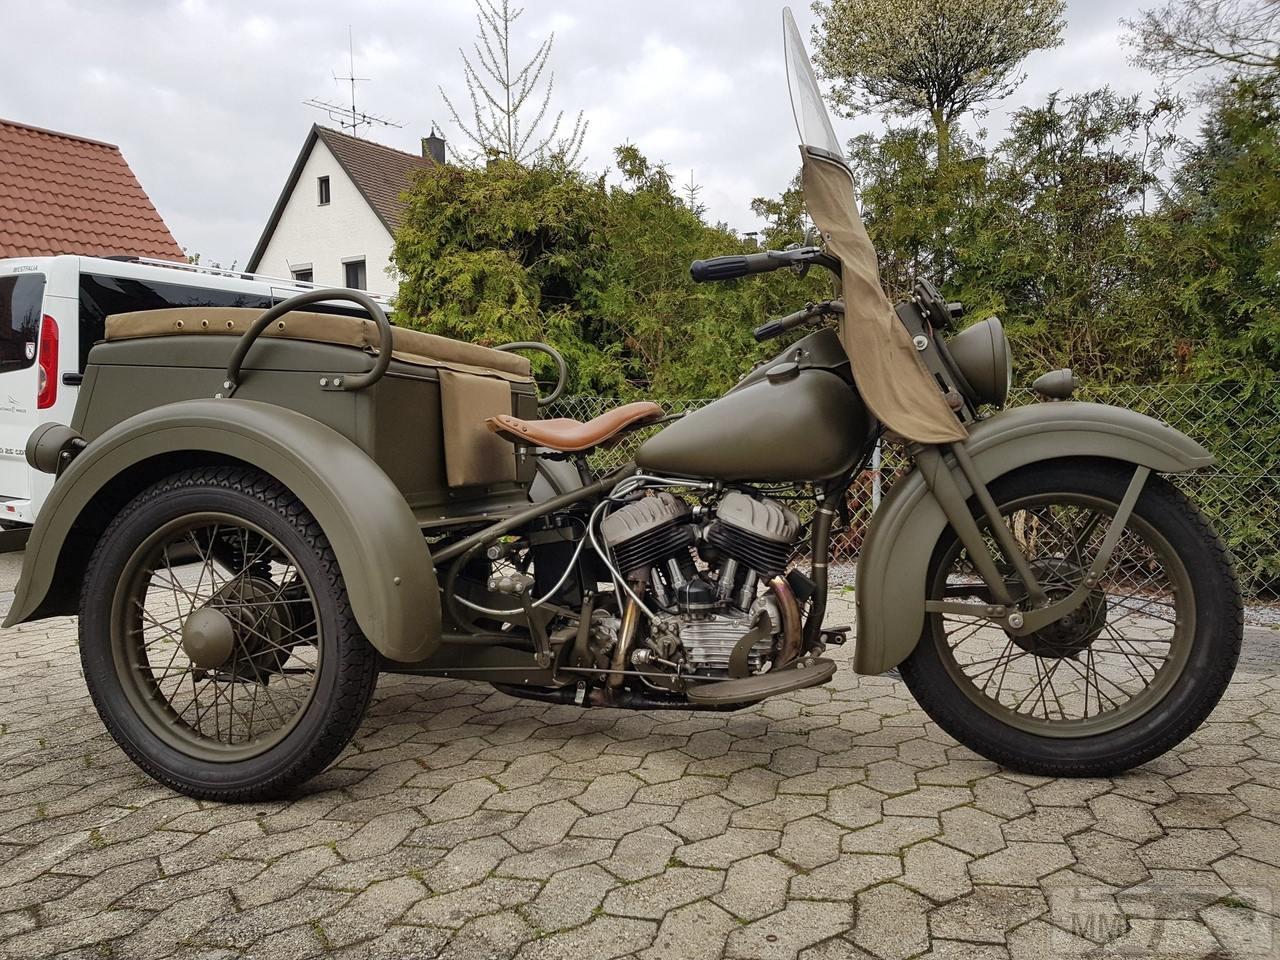 86168 - Армейские мотоциклы